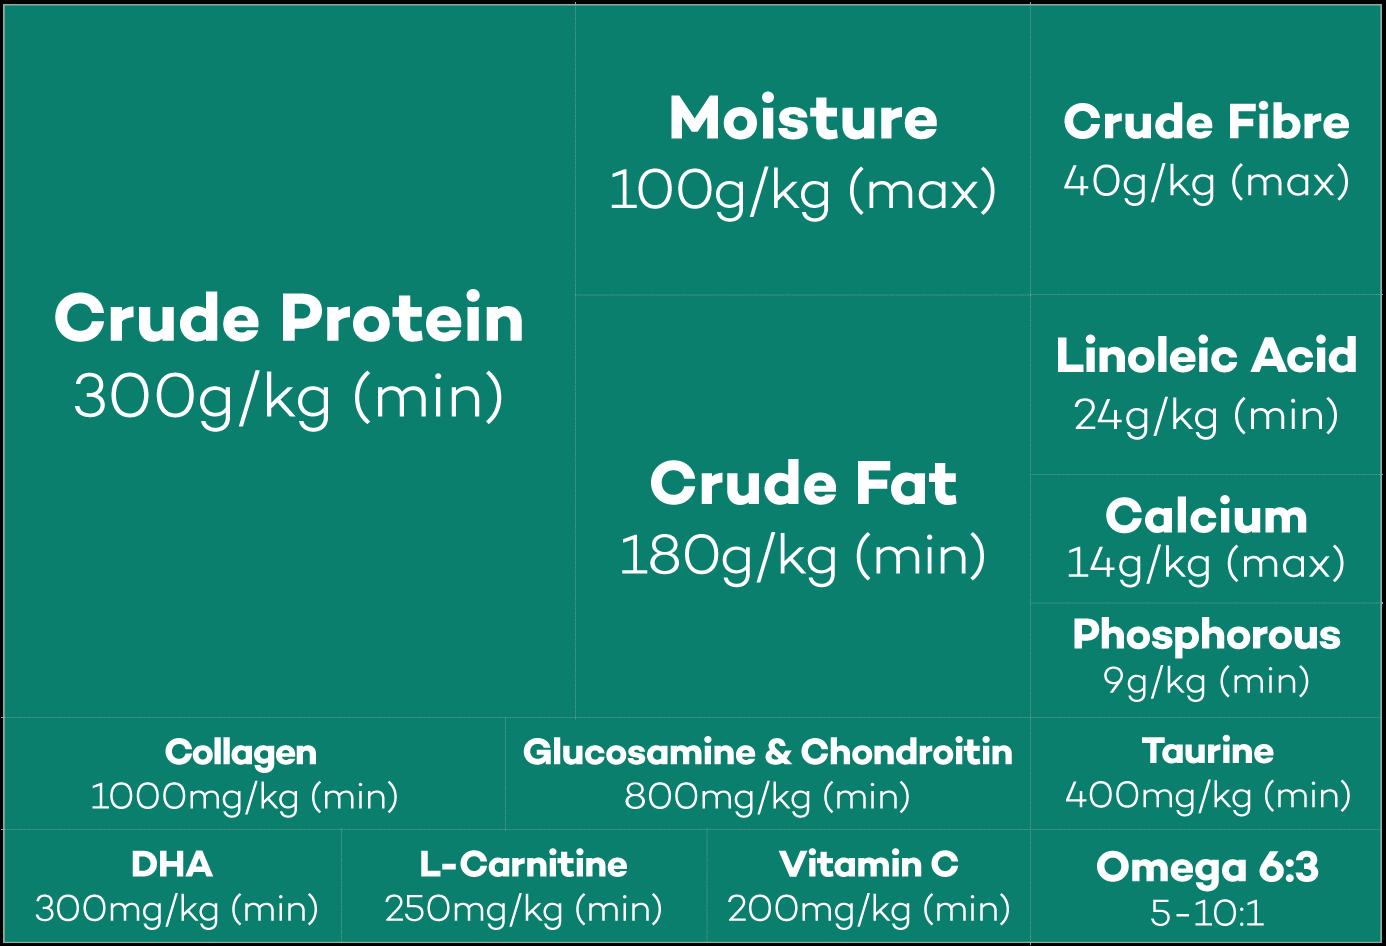 Lokuno No Grain Dog Food Nutrients